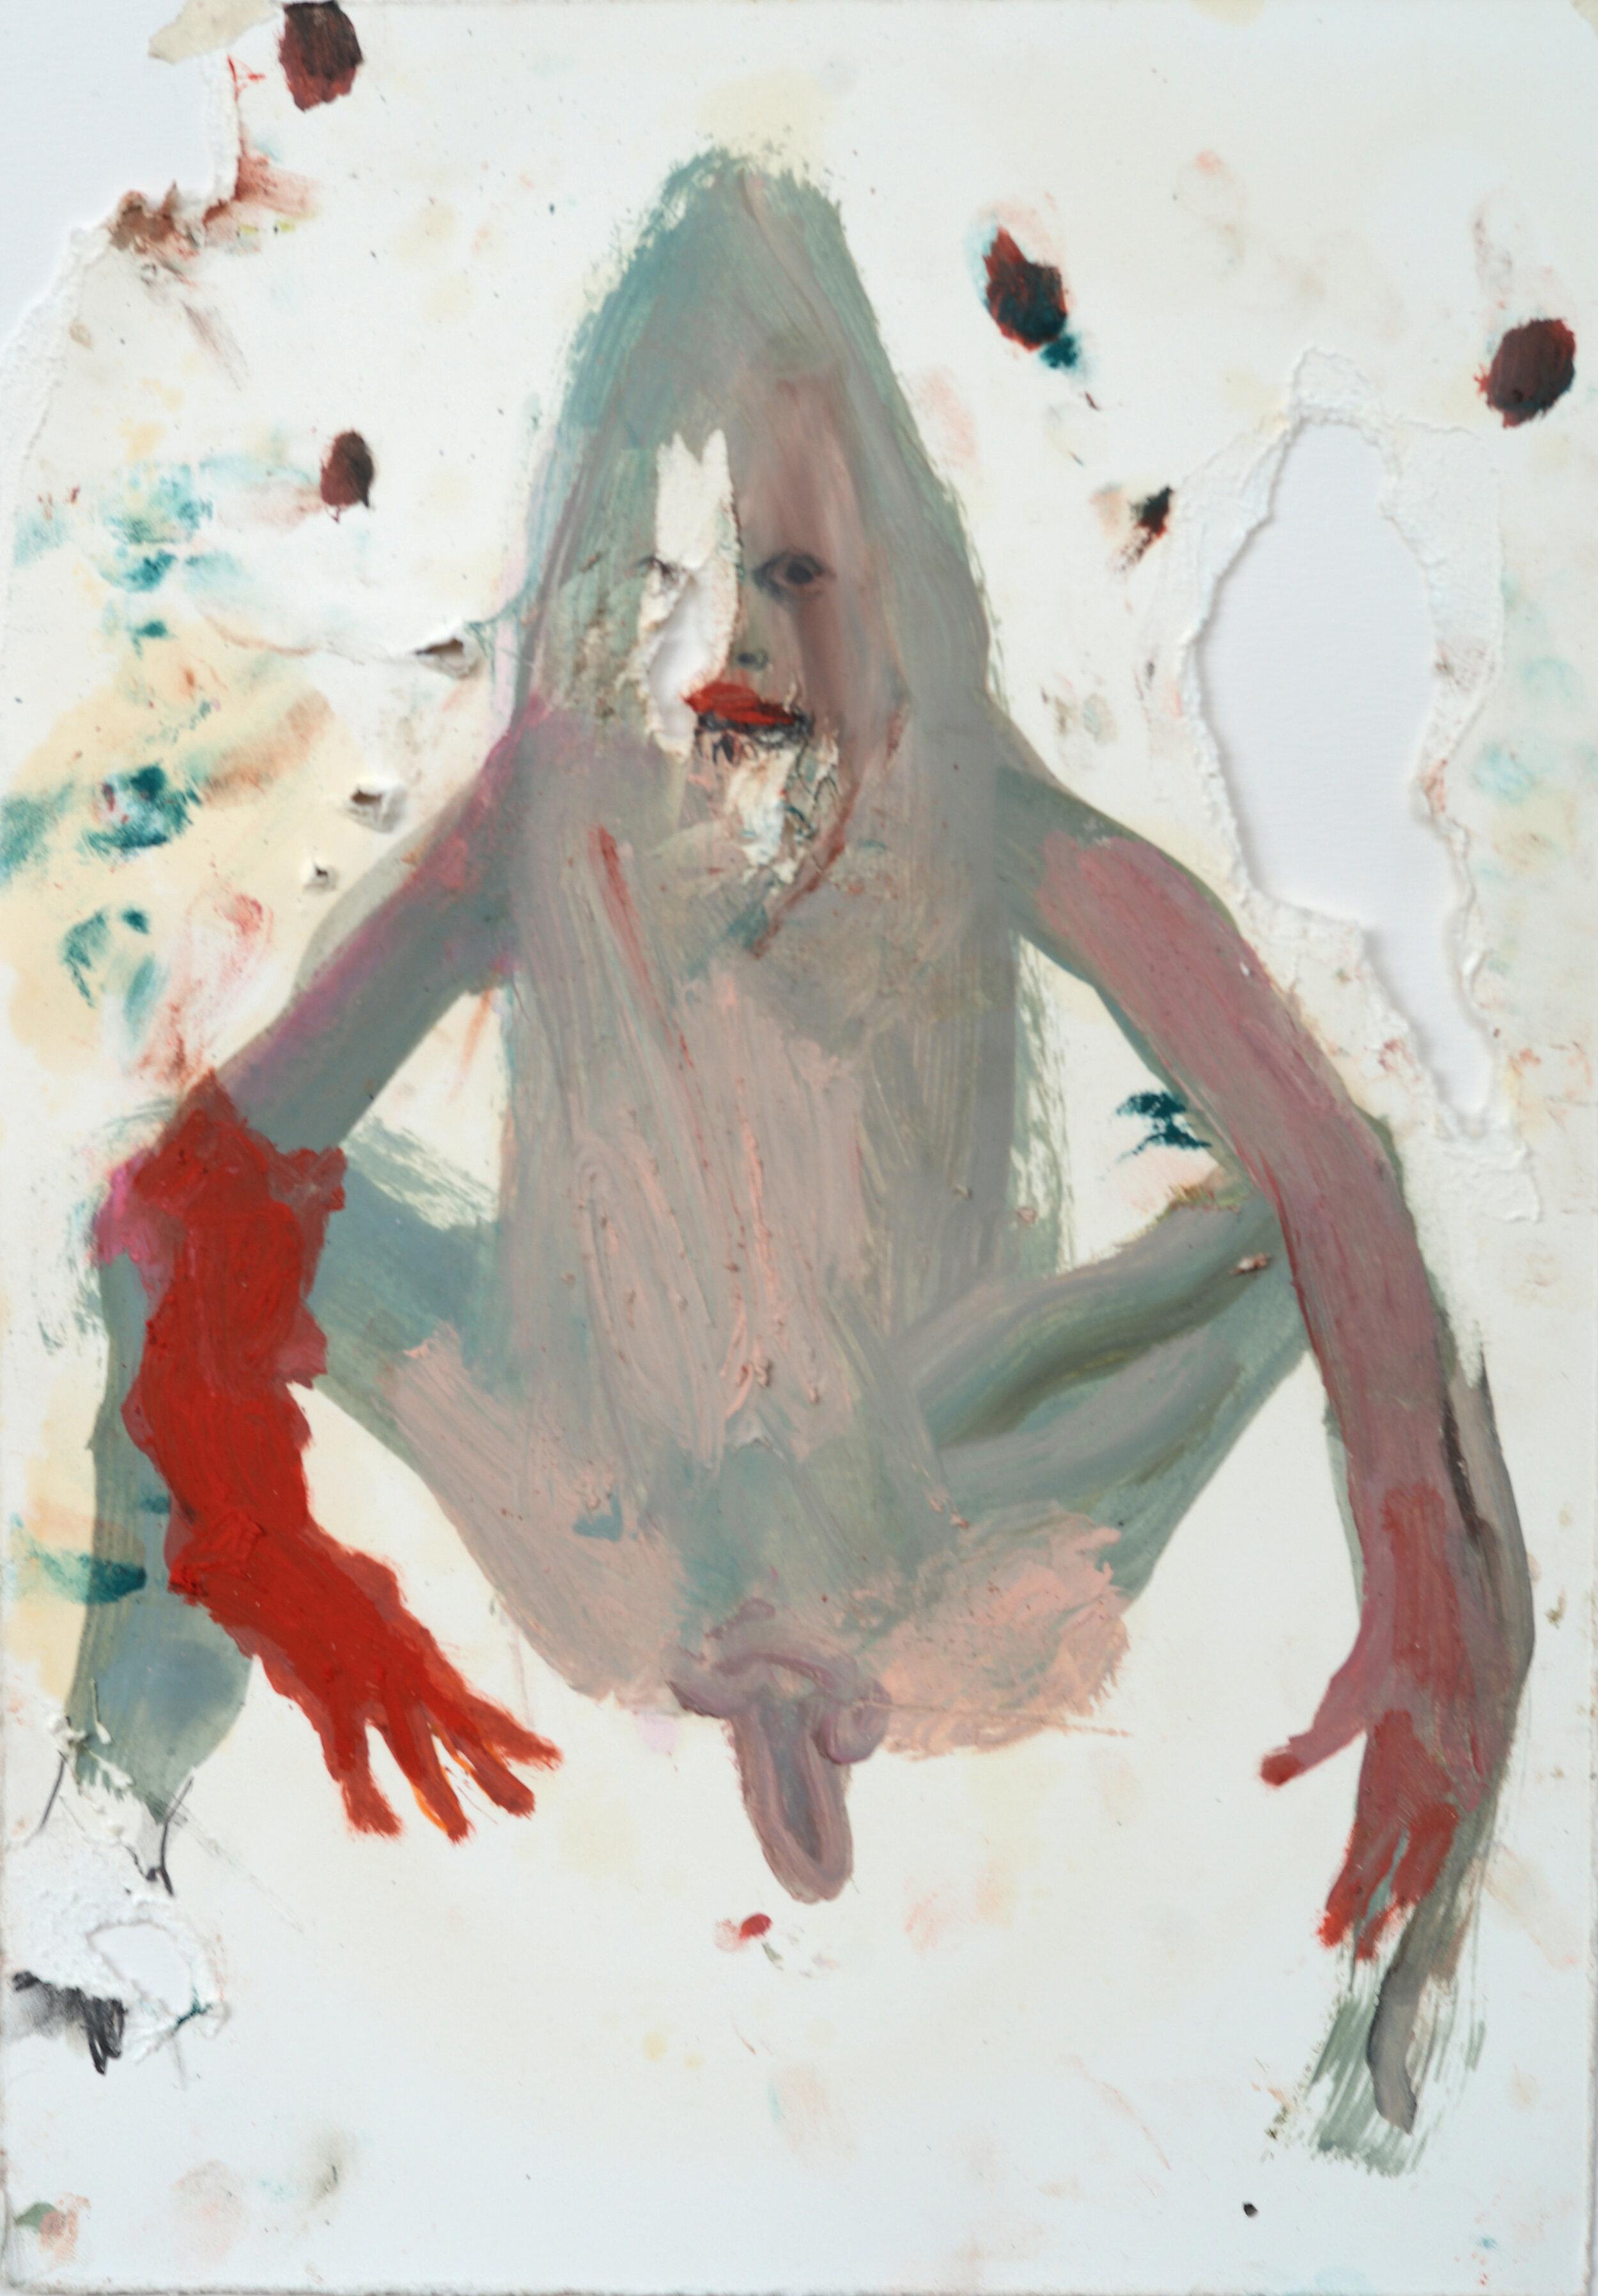 """Sarah Jérôme, """"Forget me not 3"""", technique mixte sur papier, 39,5x30 cm, 2019."""